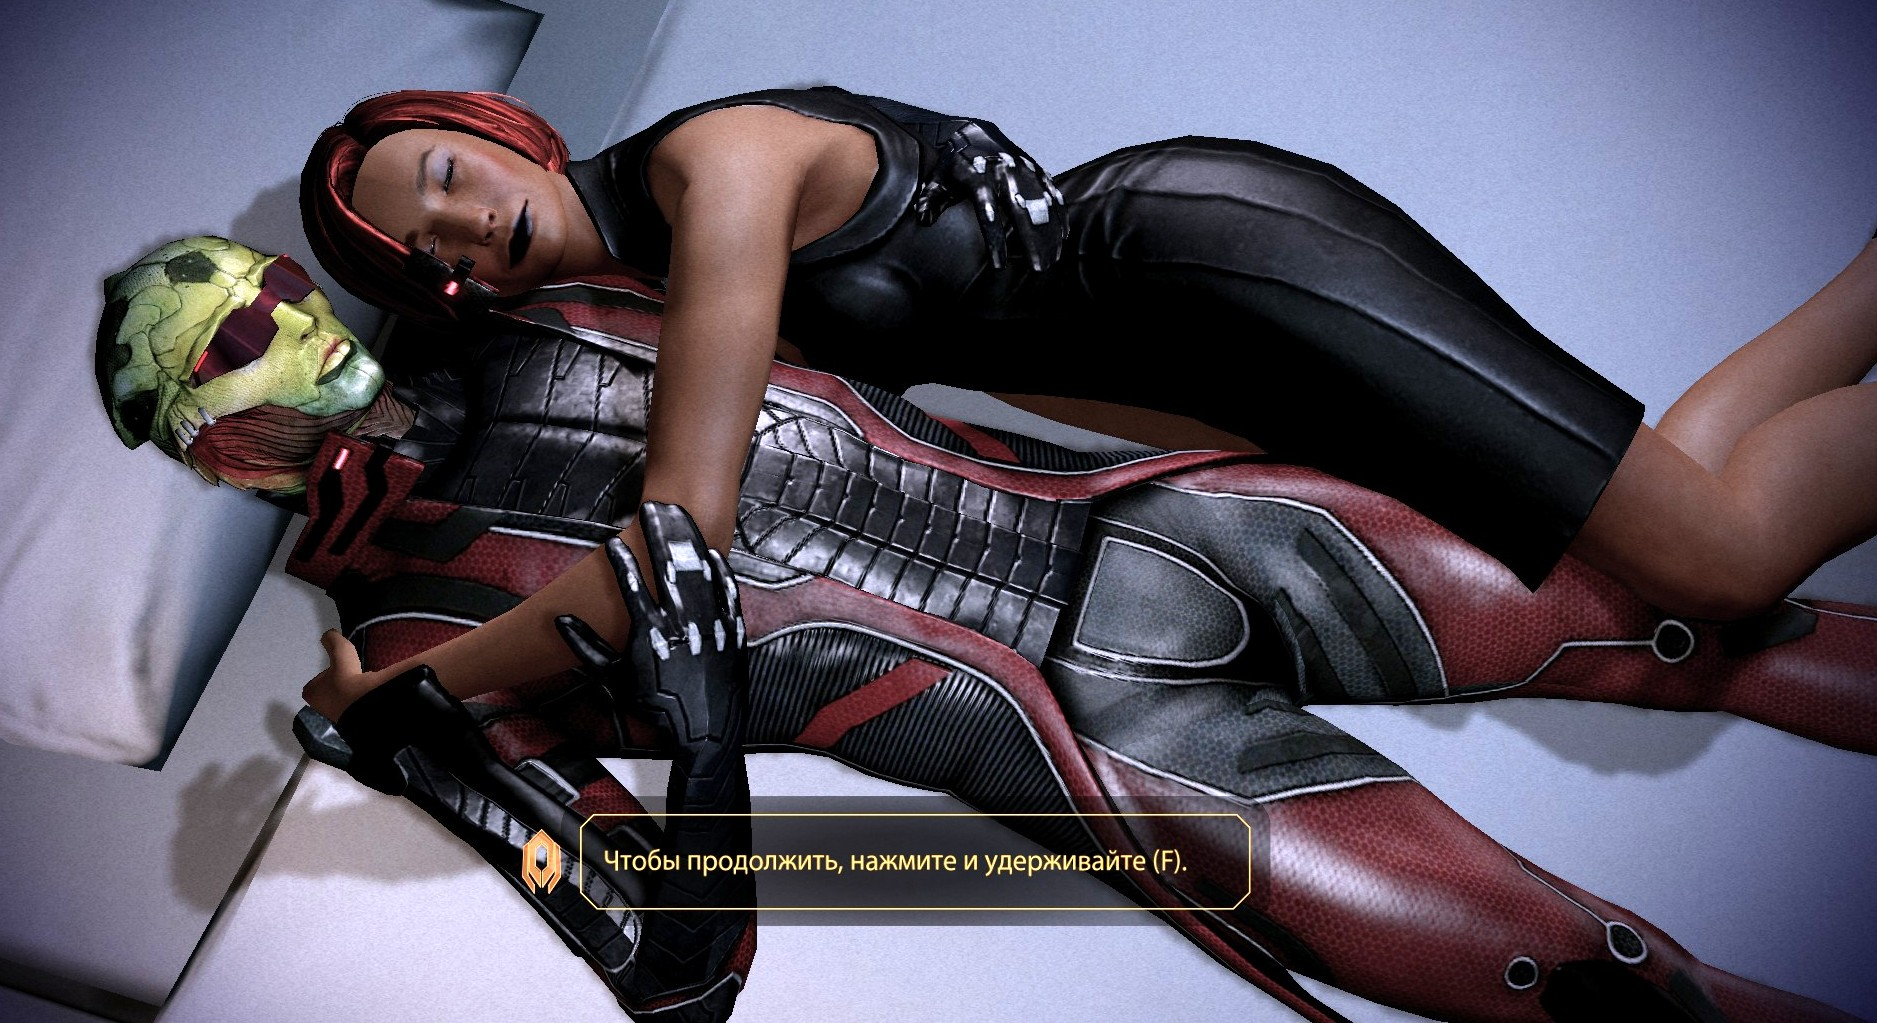 ScreenShot00100 — копия.jpg - Mass Effect 2